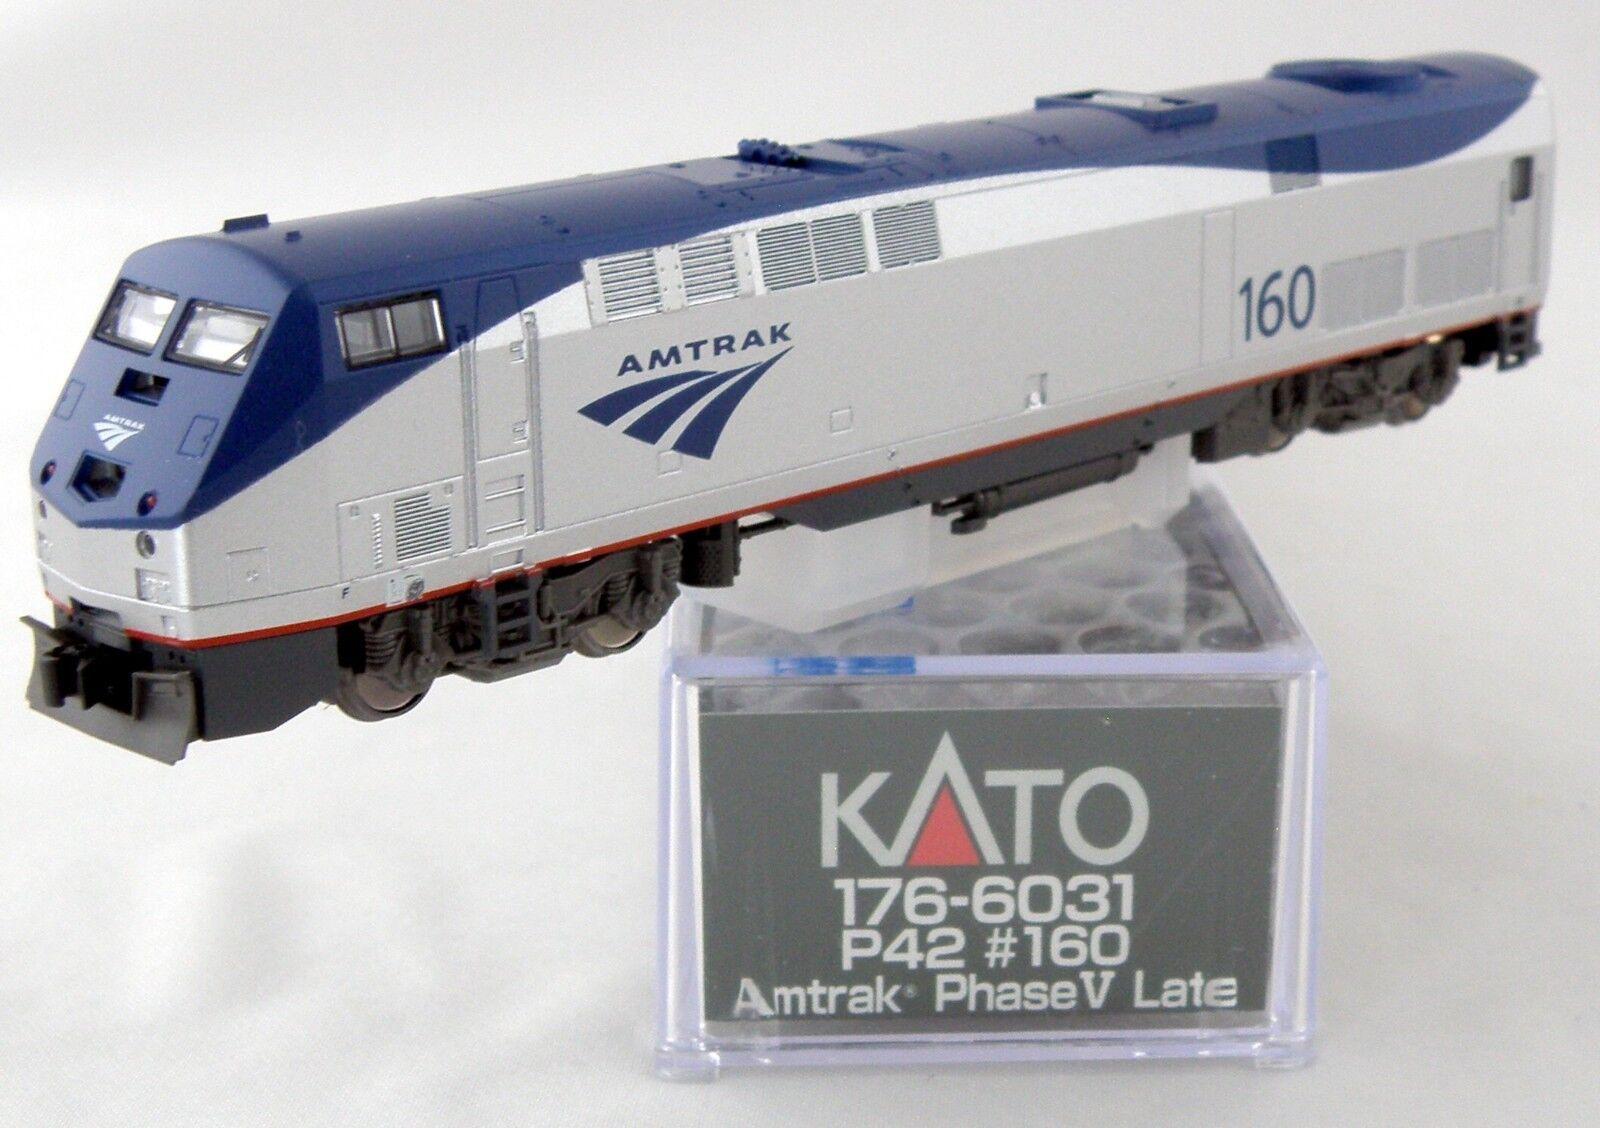 Escala N Locomotora Ge P42  Genesis  - Amtrak Fase V a finales de  160 - Kato  176-6031